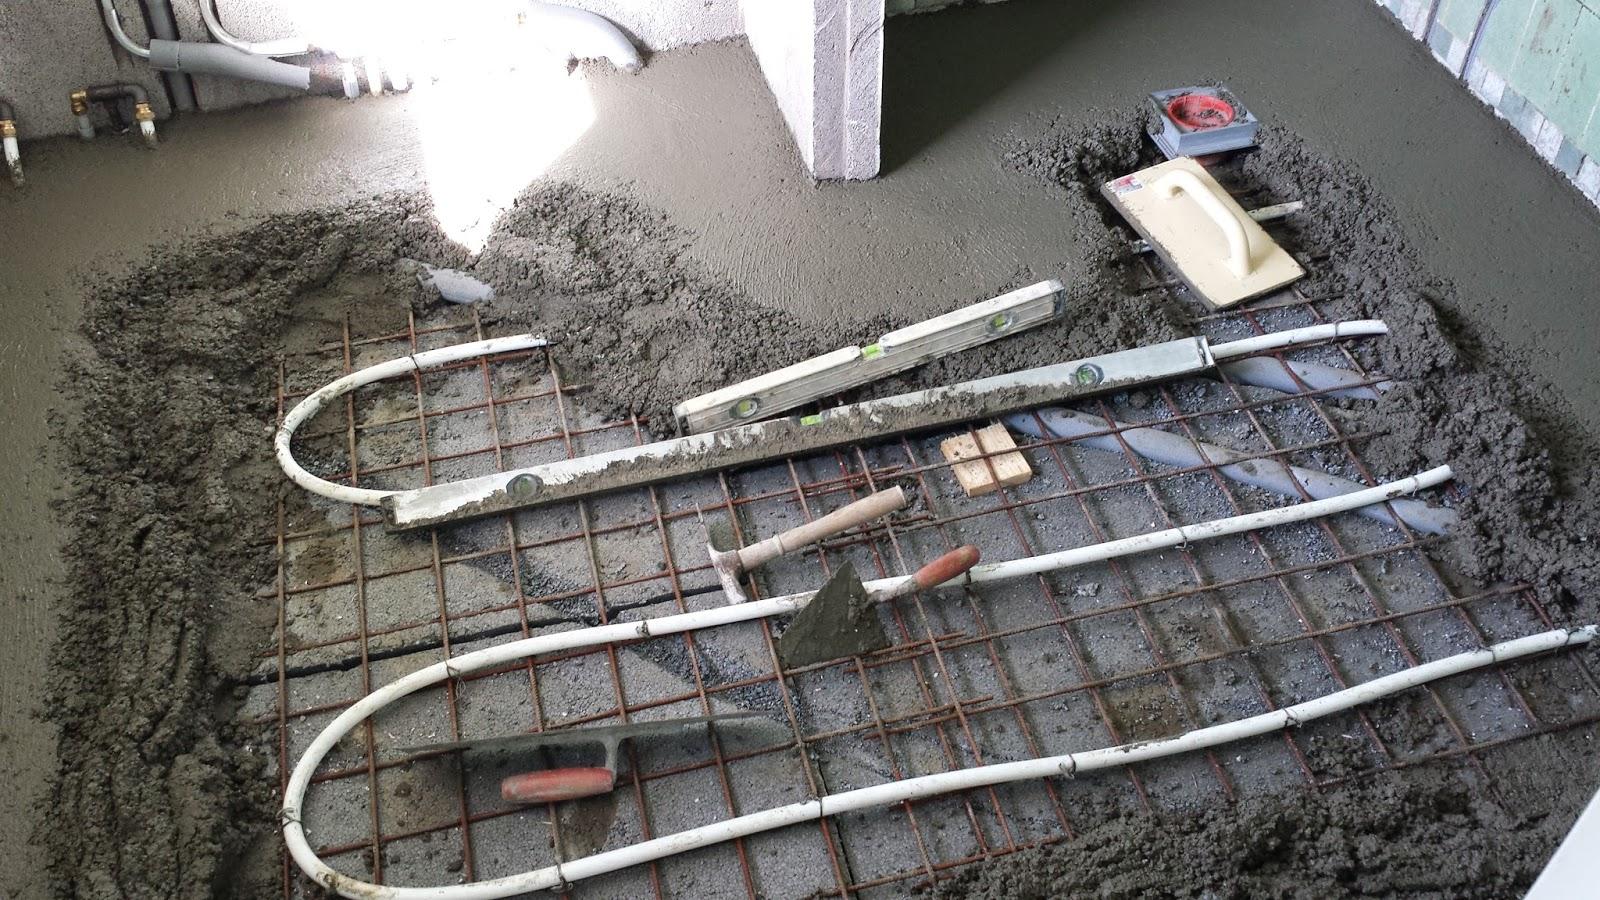 #535F78 Meget bedømt Renovering Af Badeværelse Med Fokus På Energibesparelser: Støbning Af Gulv Gør Det Selv Værksted Med Lift 6389 16009006389